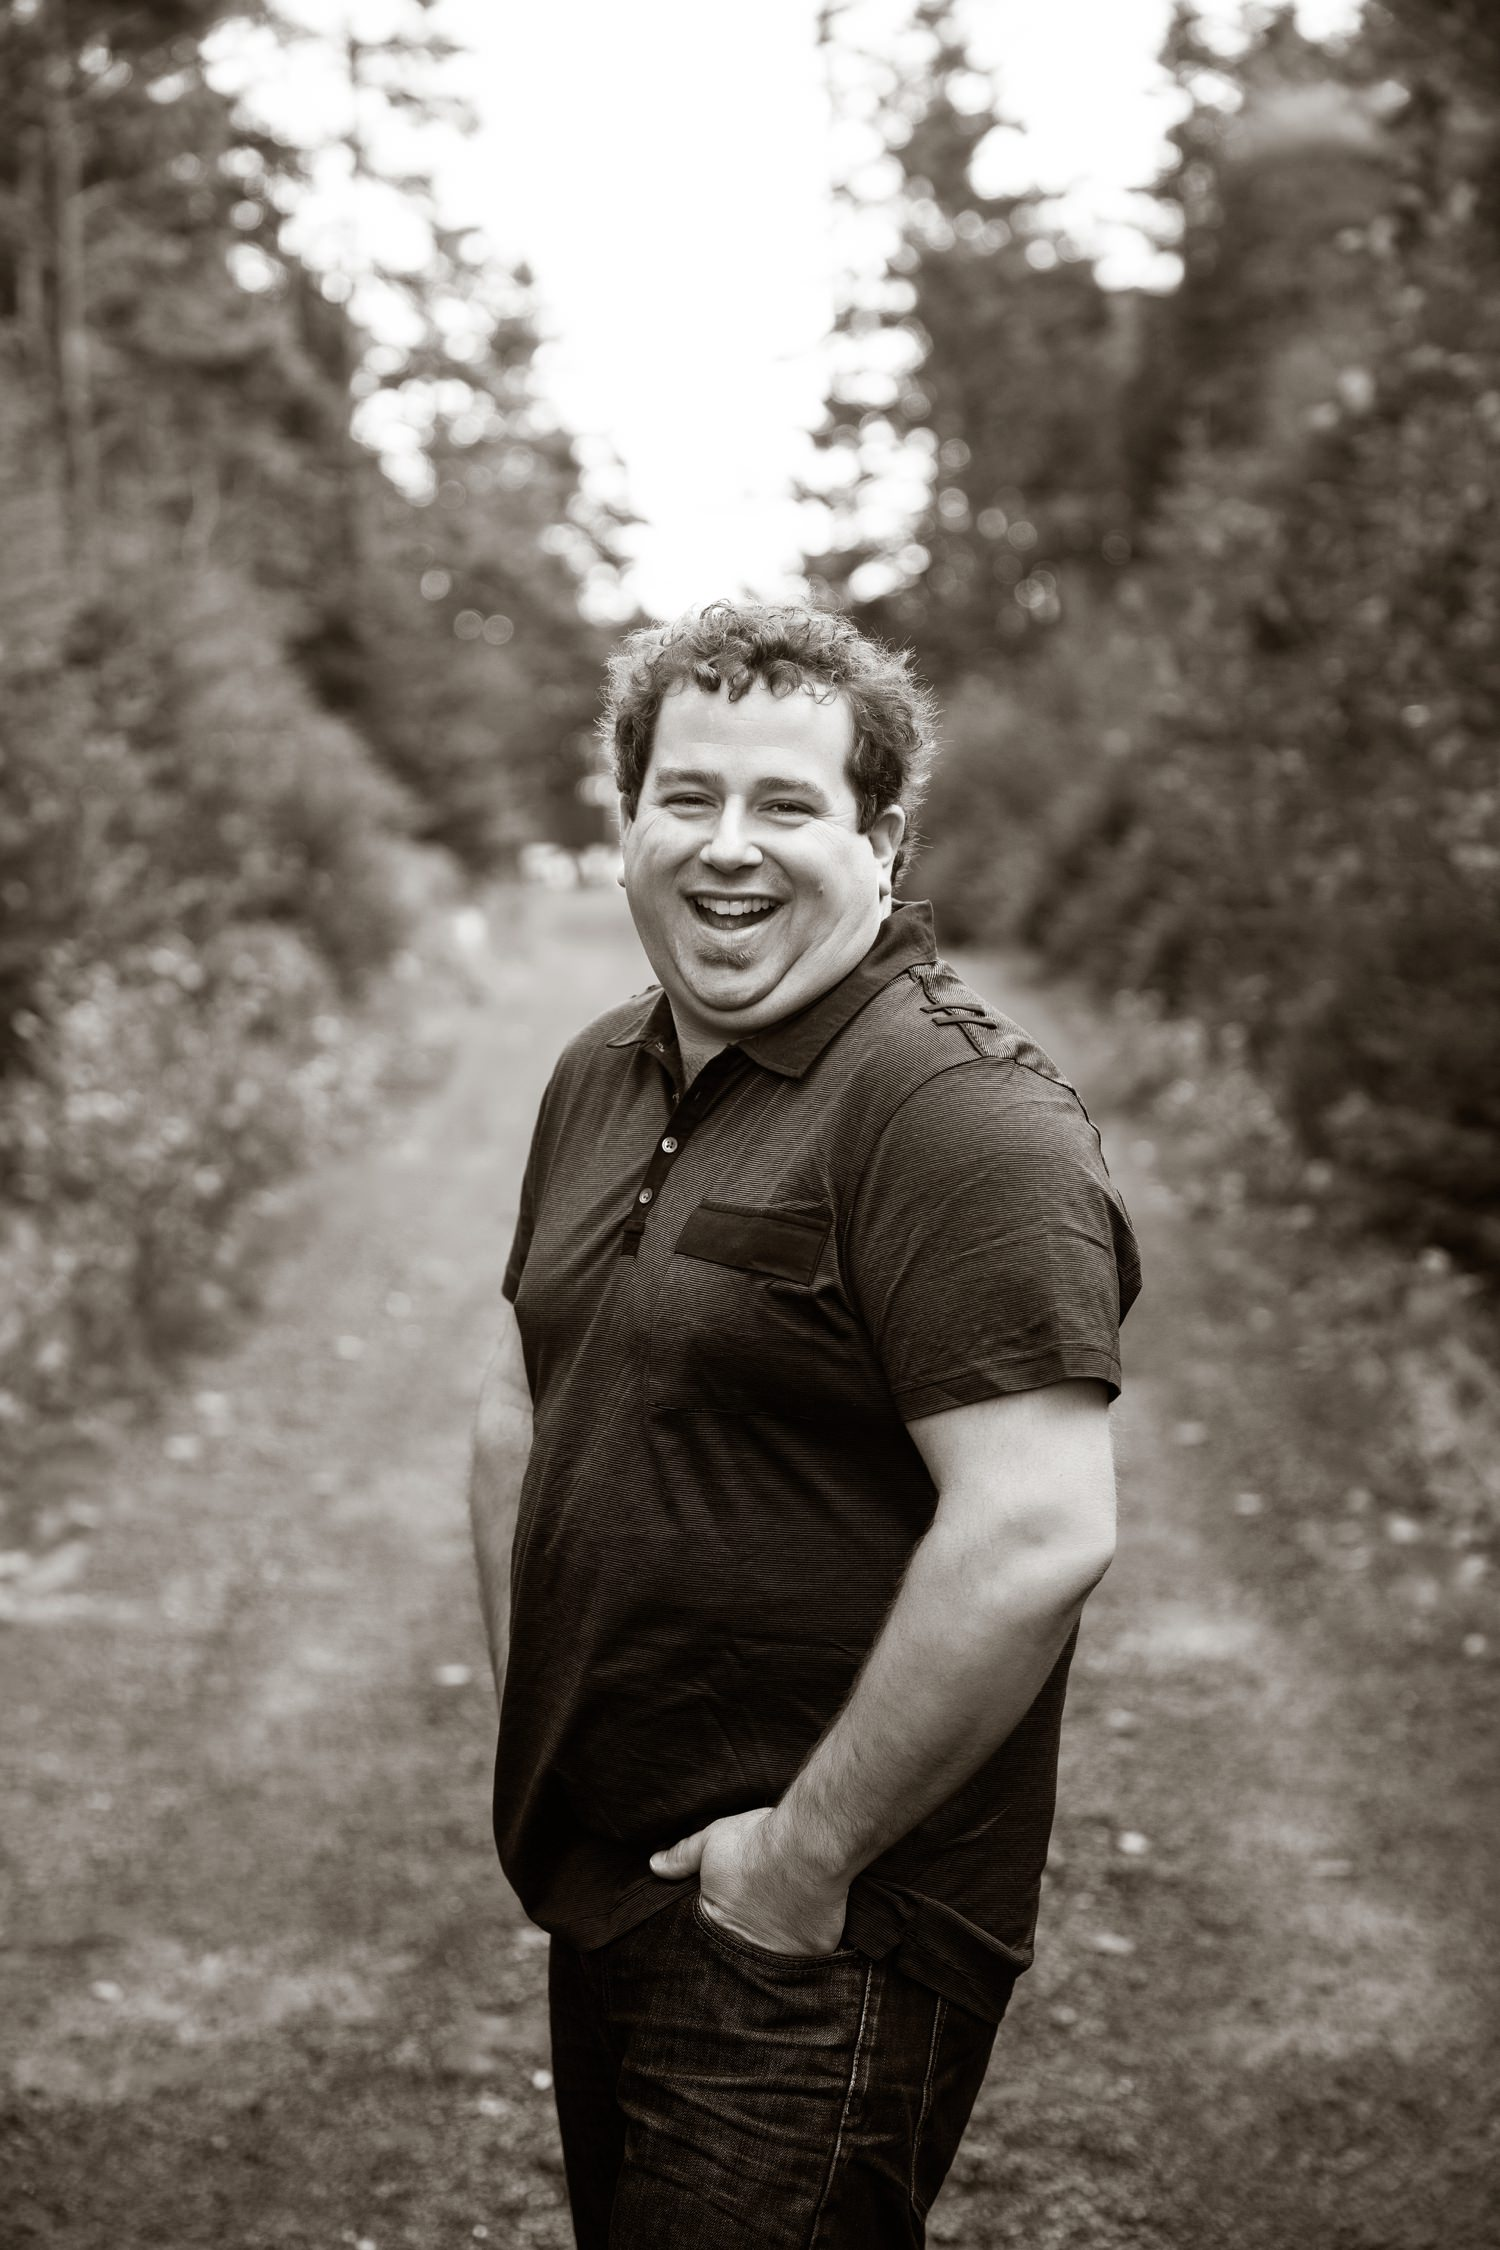 St Johns Newfoundland Wedding Photographers Newfoundland Engagement Photographers Jennifer Dawe Photography 2054 St Johns Newfoundland Wedding Photographers    Greg and Robyn    Engaged!    Jennifer Dawe Photography